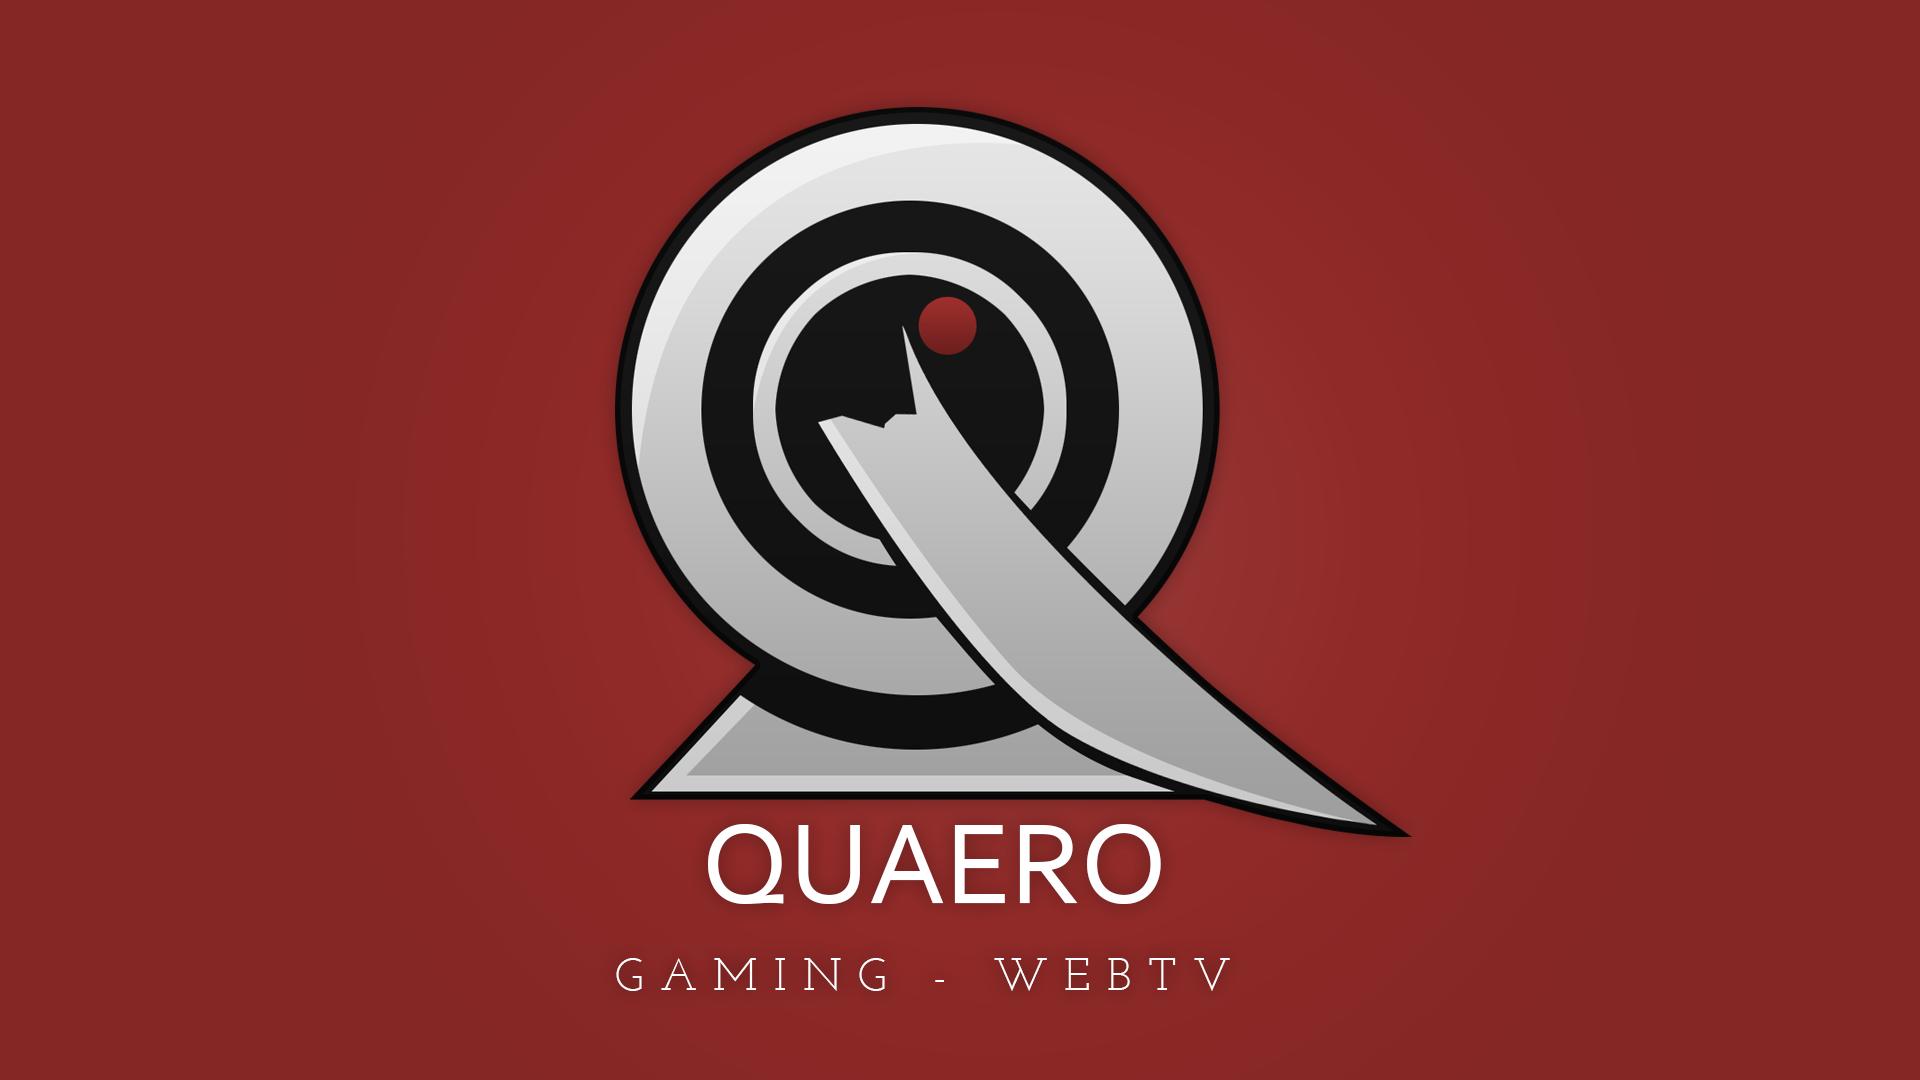 oc2uap_quaeov2.png